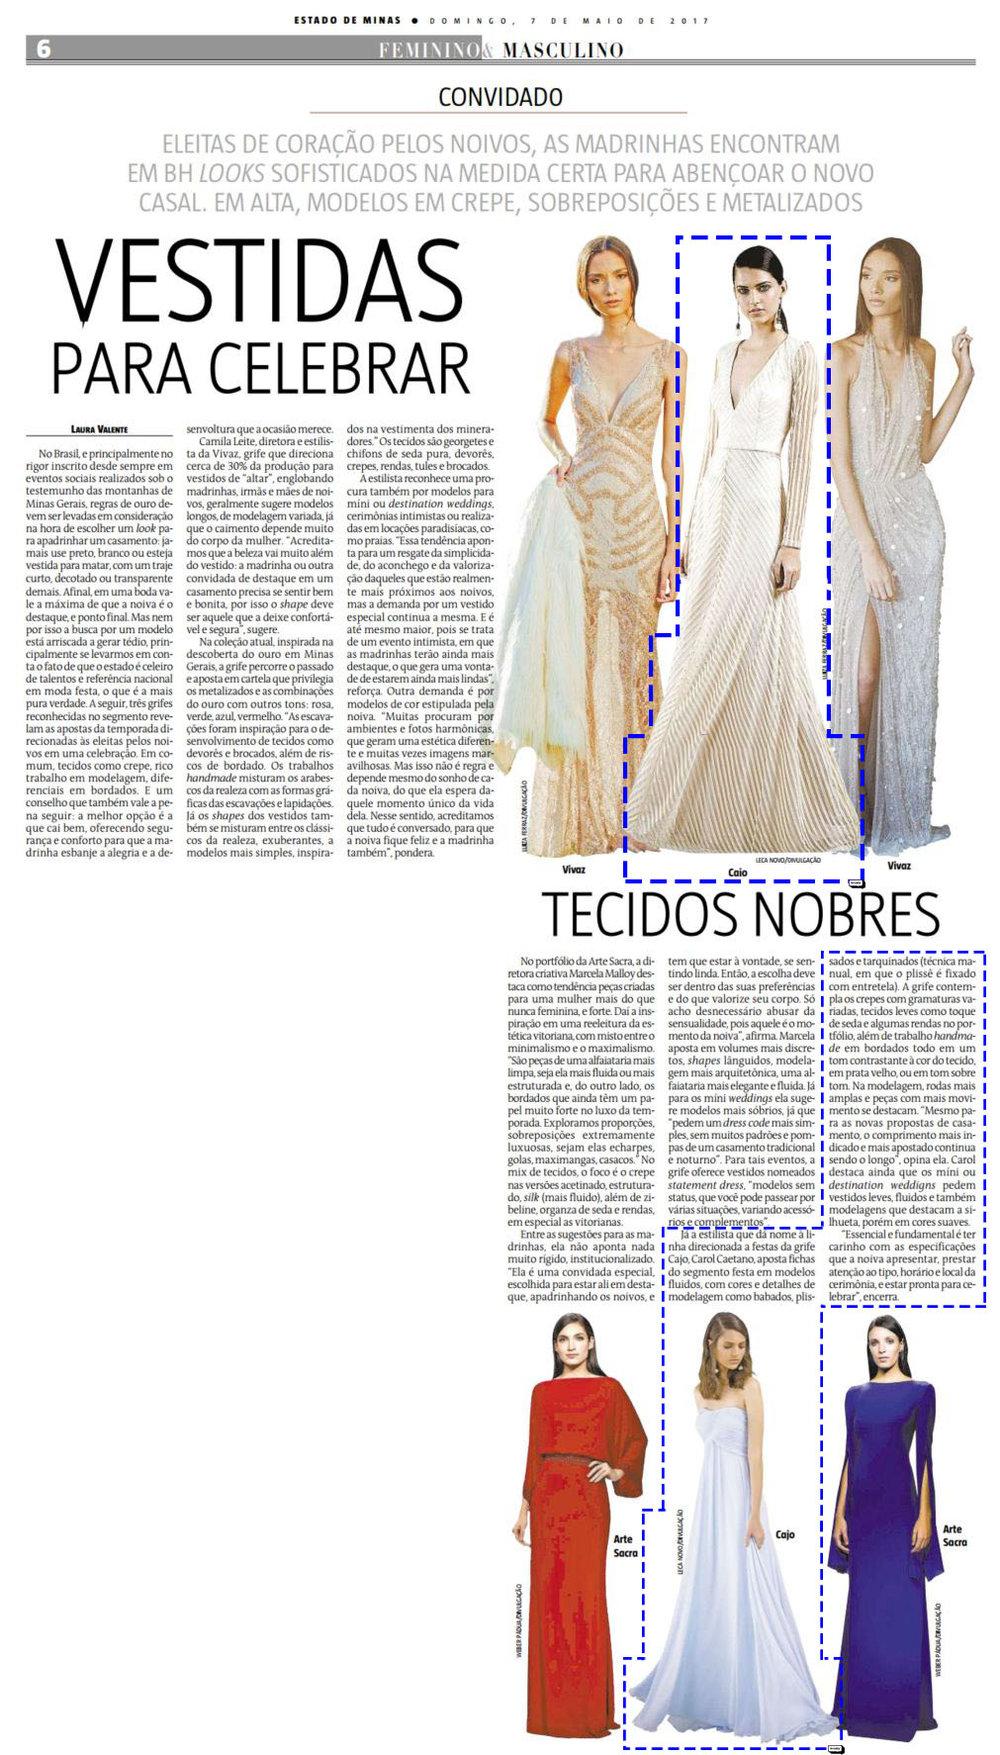 14550608052017_Cajo__Jornal_Estado_de_Minas____07_05_2017.jpg